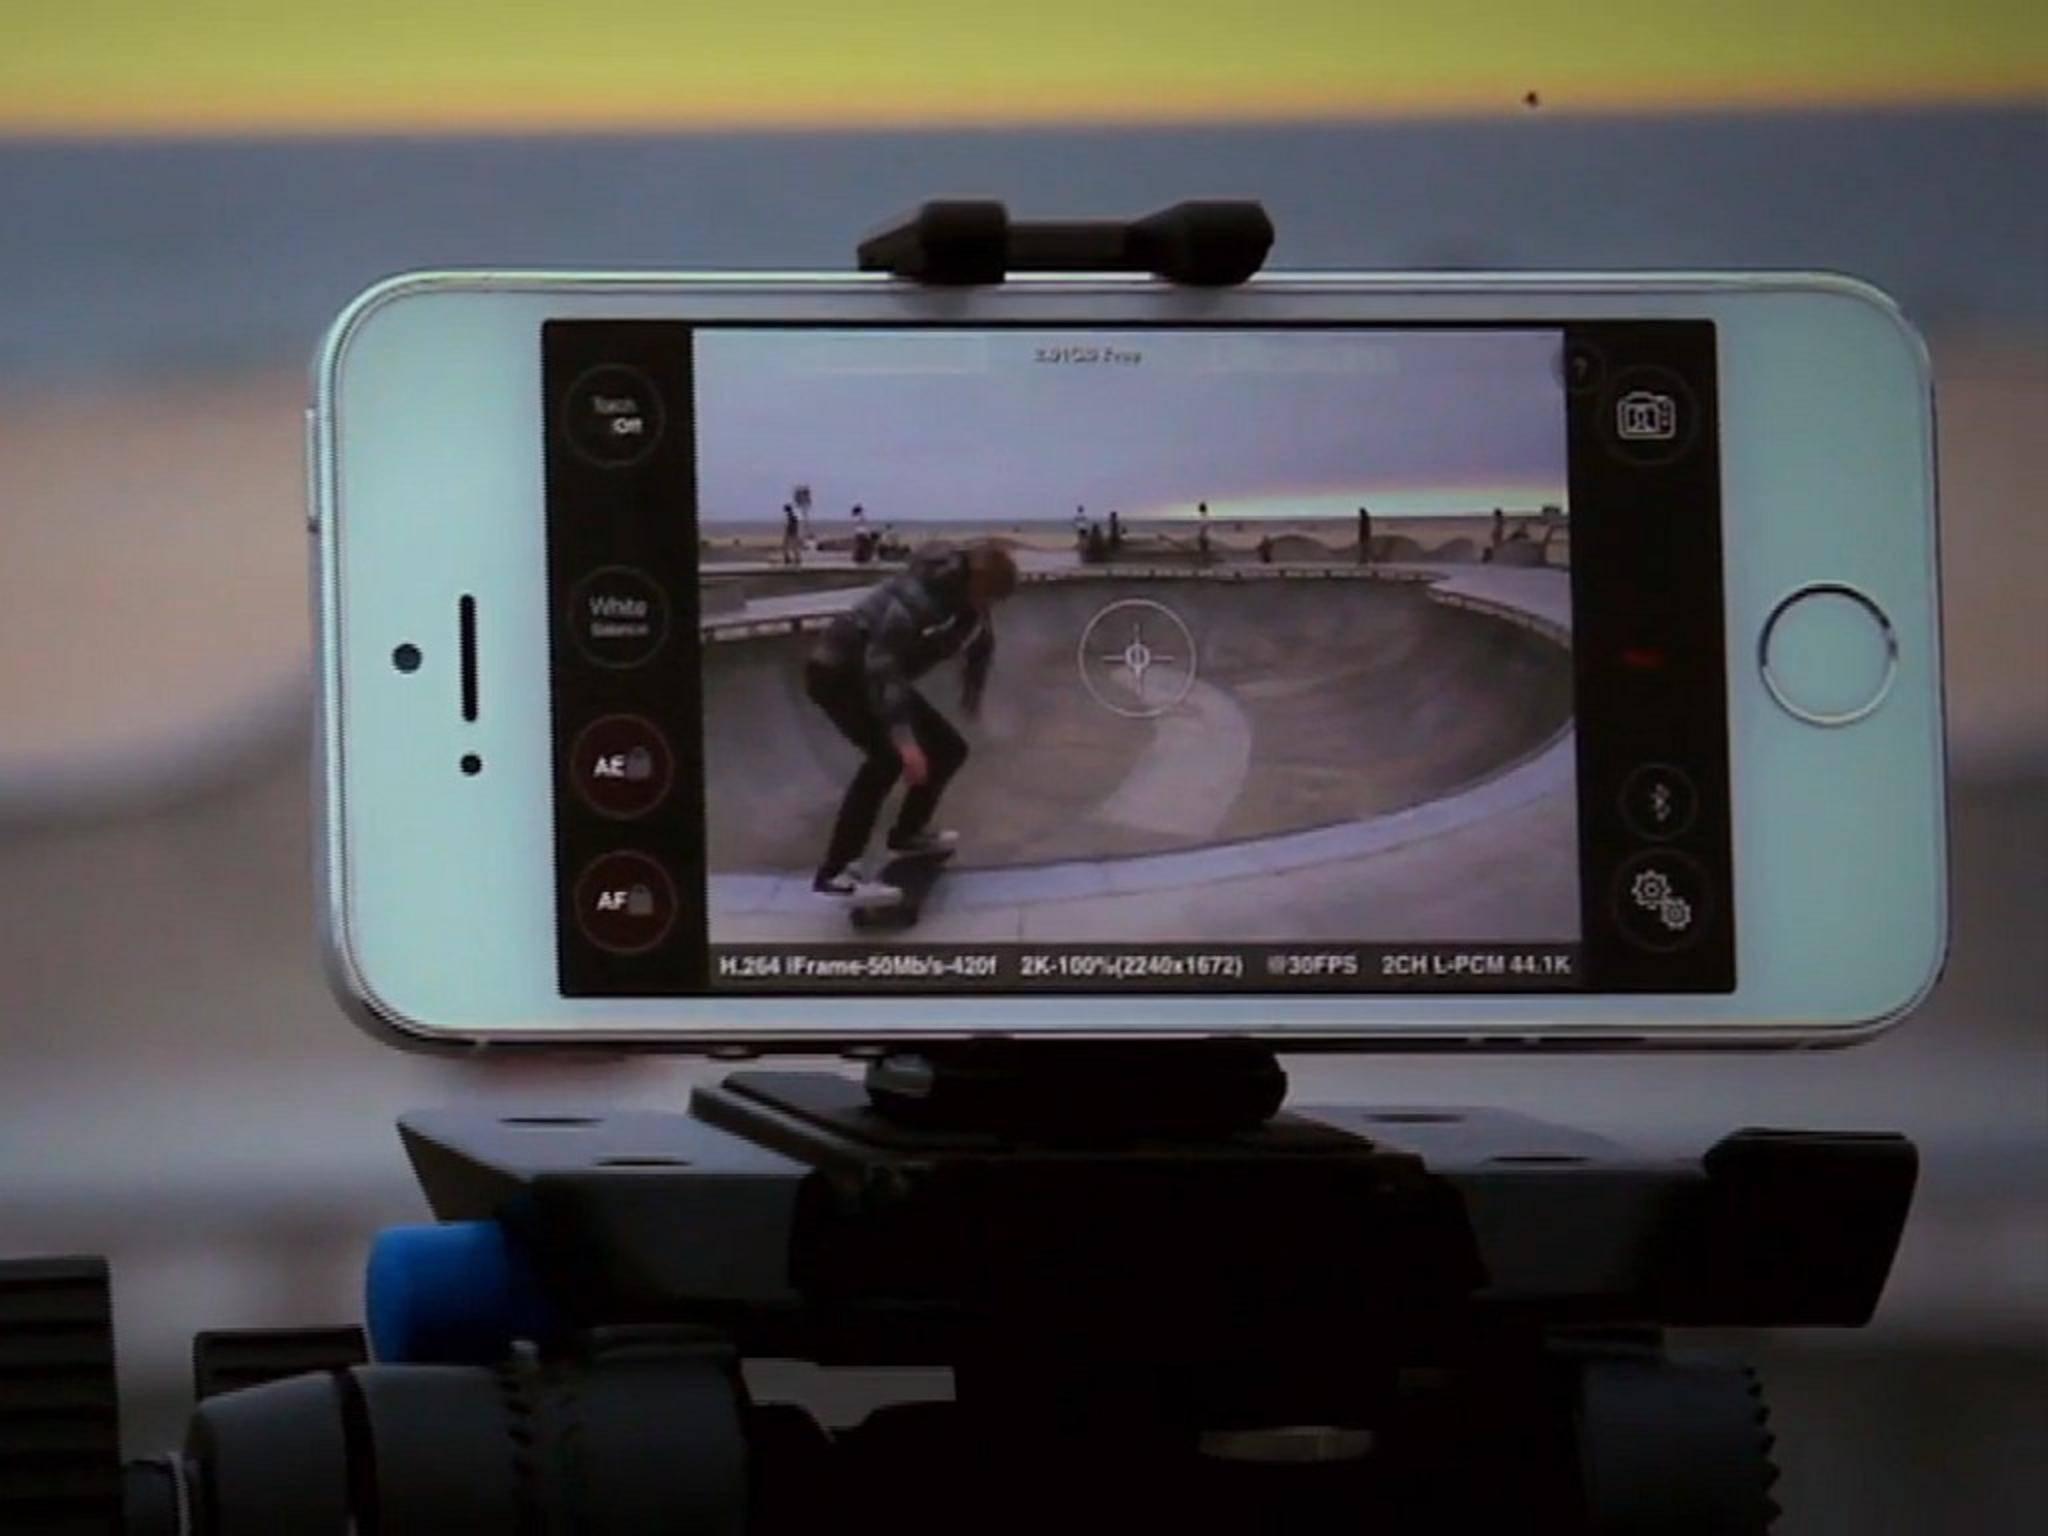 Die Ultrakam-App kann 4K-Videos am iPhone 6 und 6 Plus drehen.